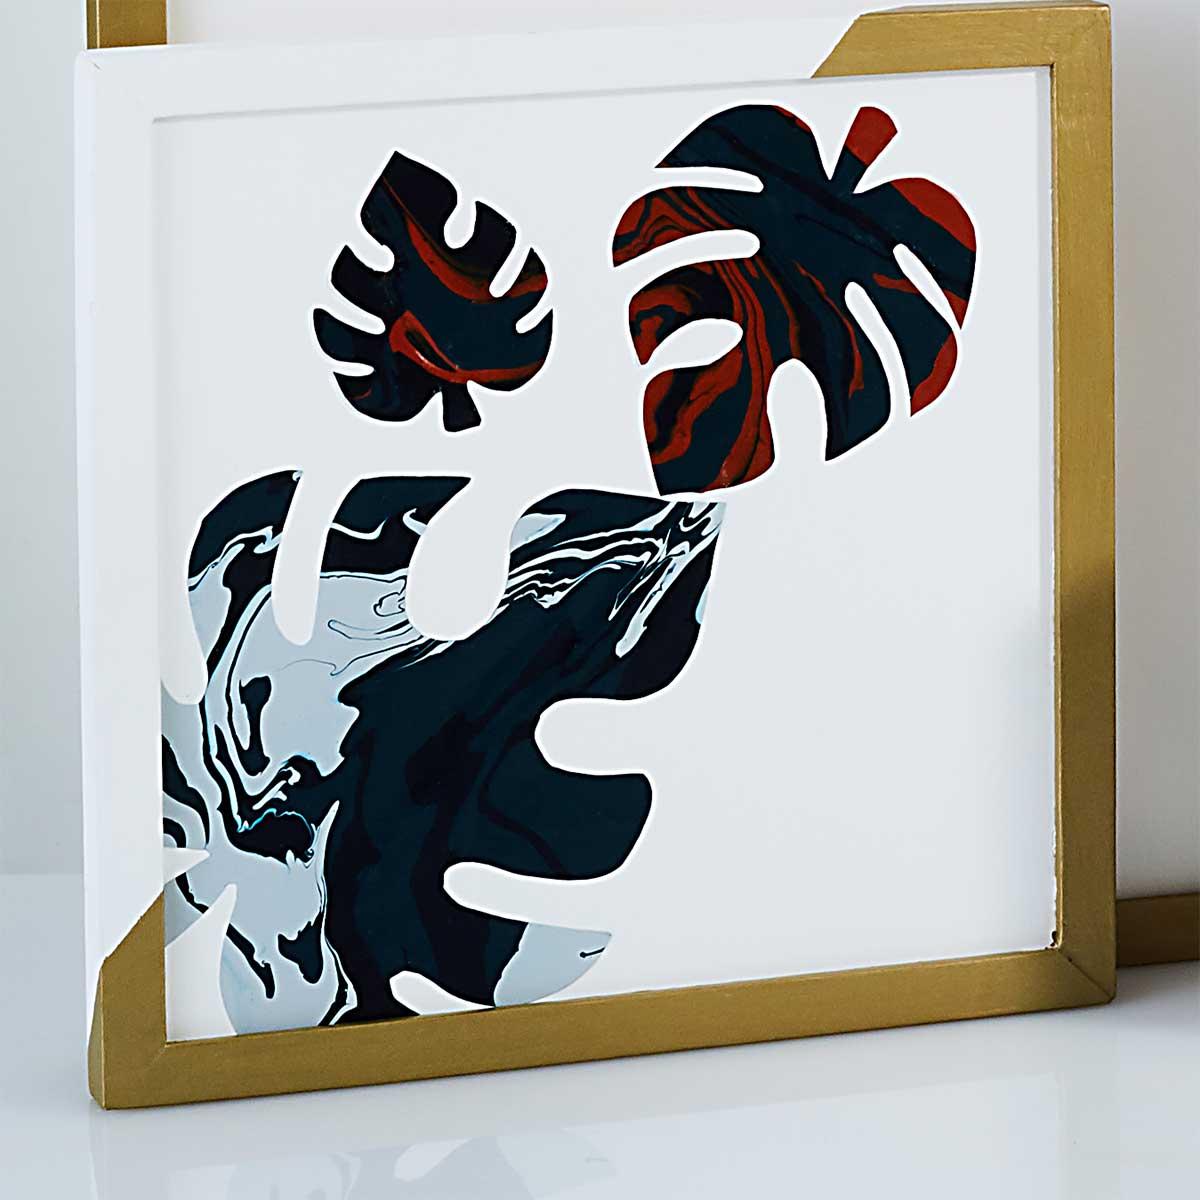 Abstract Art Monogram and Motif DIY Wall Decor